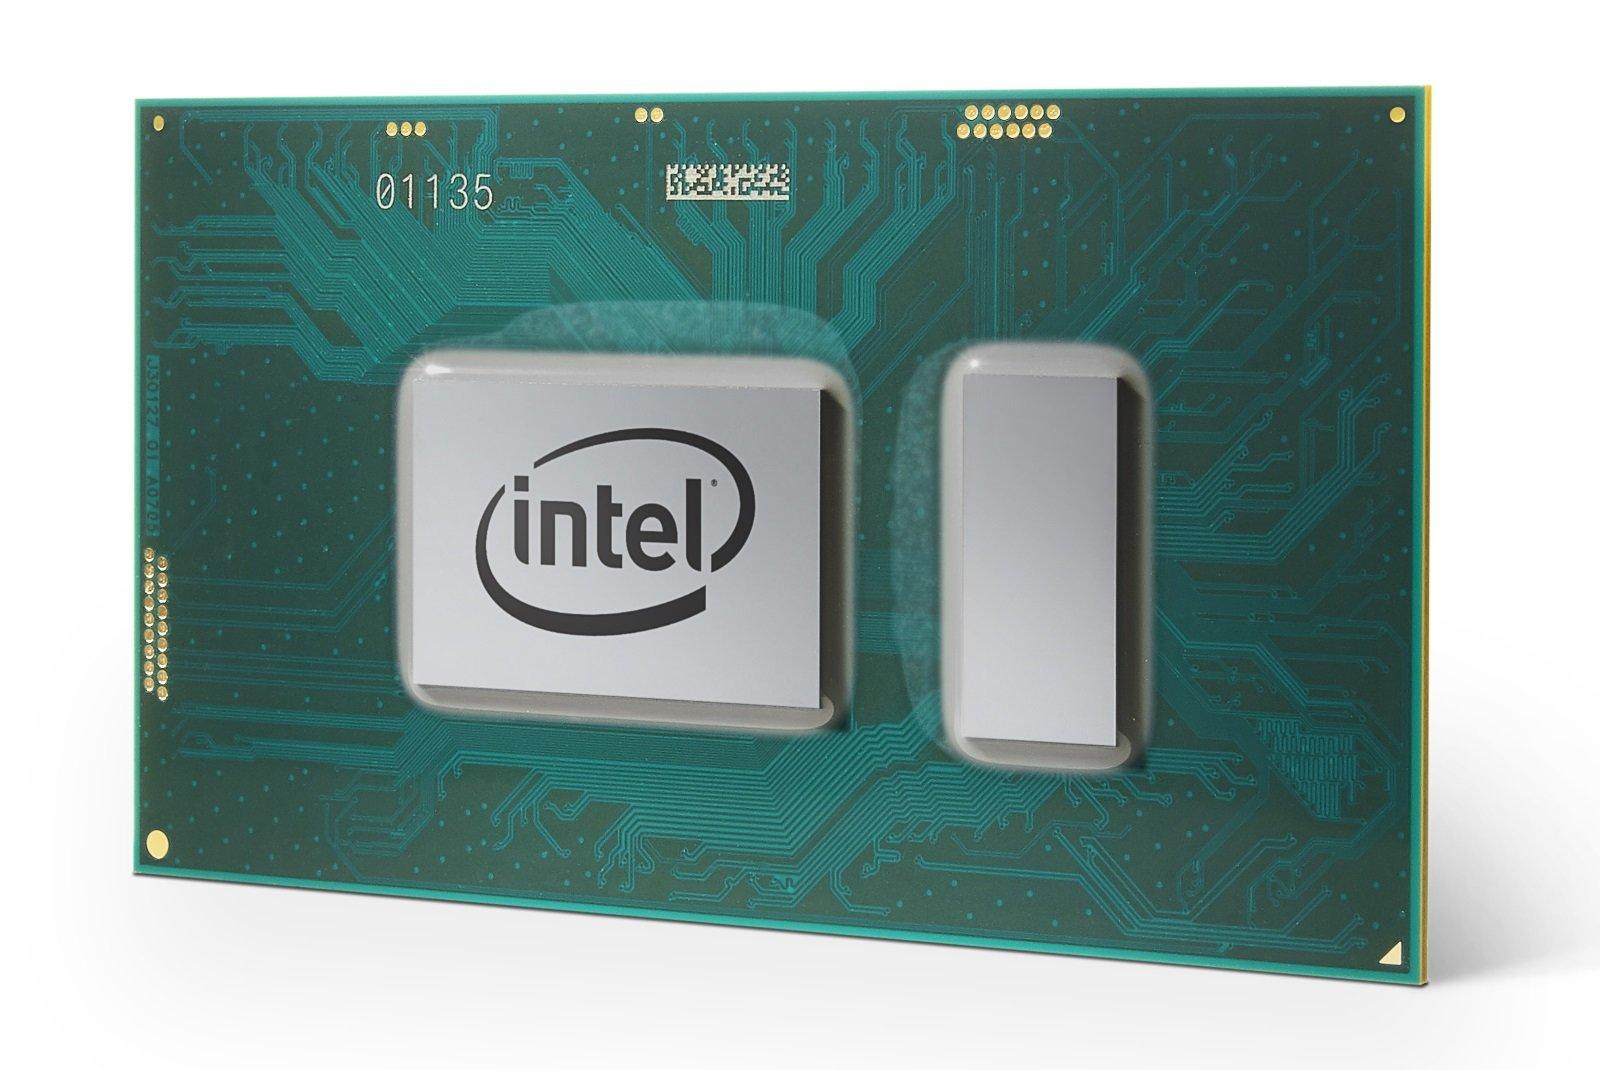 Intel ammette seri problemi di sicurezza dei chip Intel Core, Xeon, Atom, Celeron